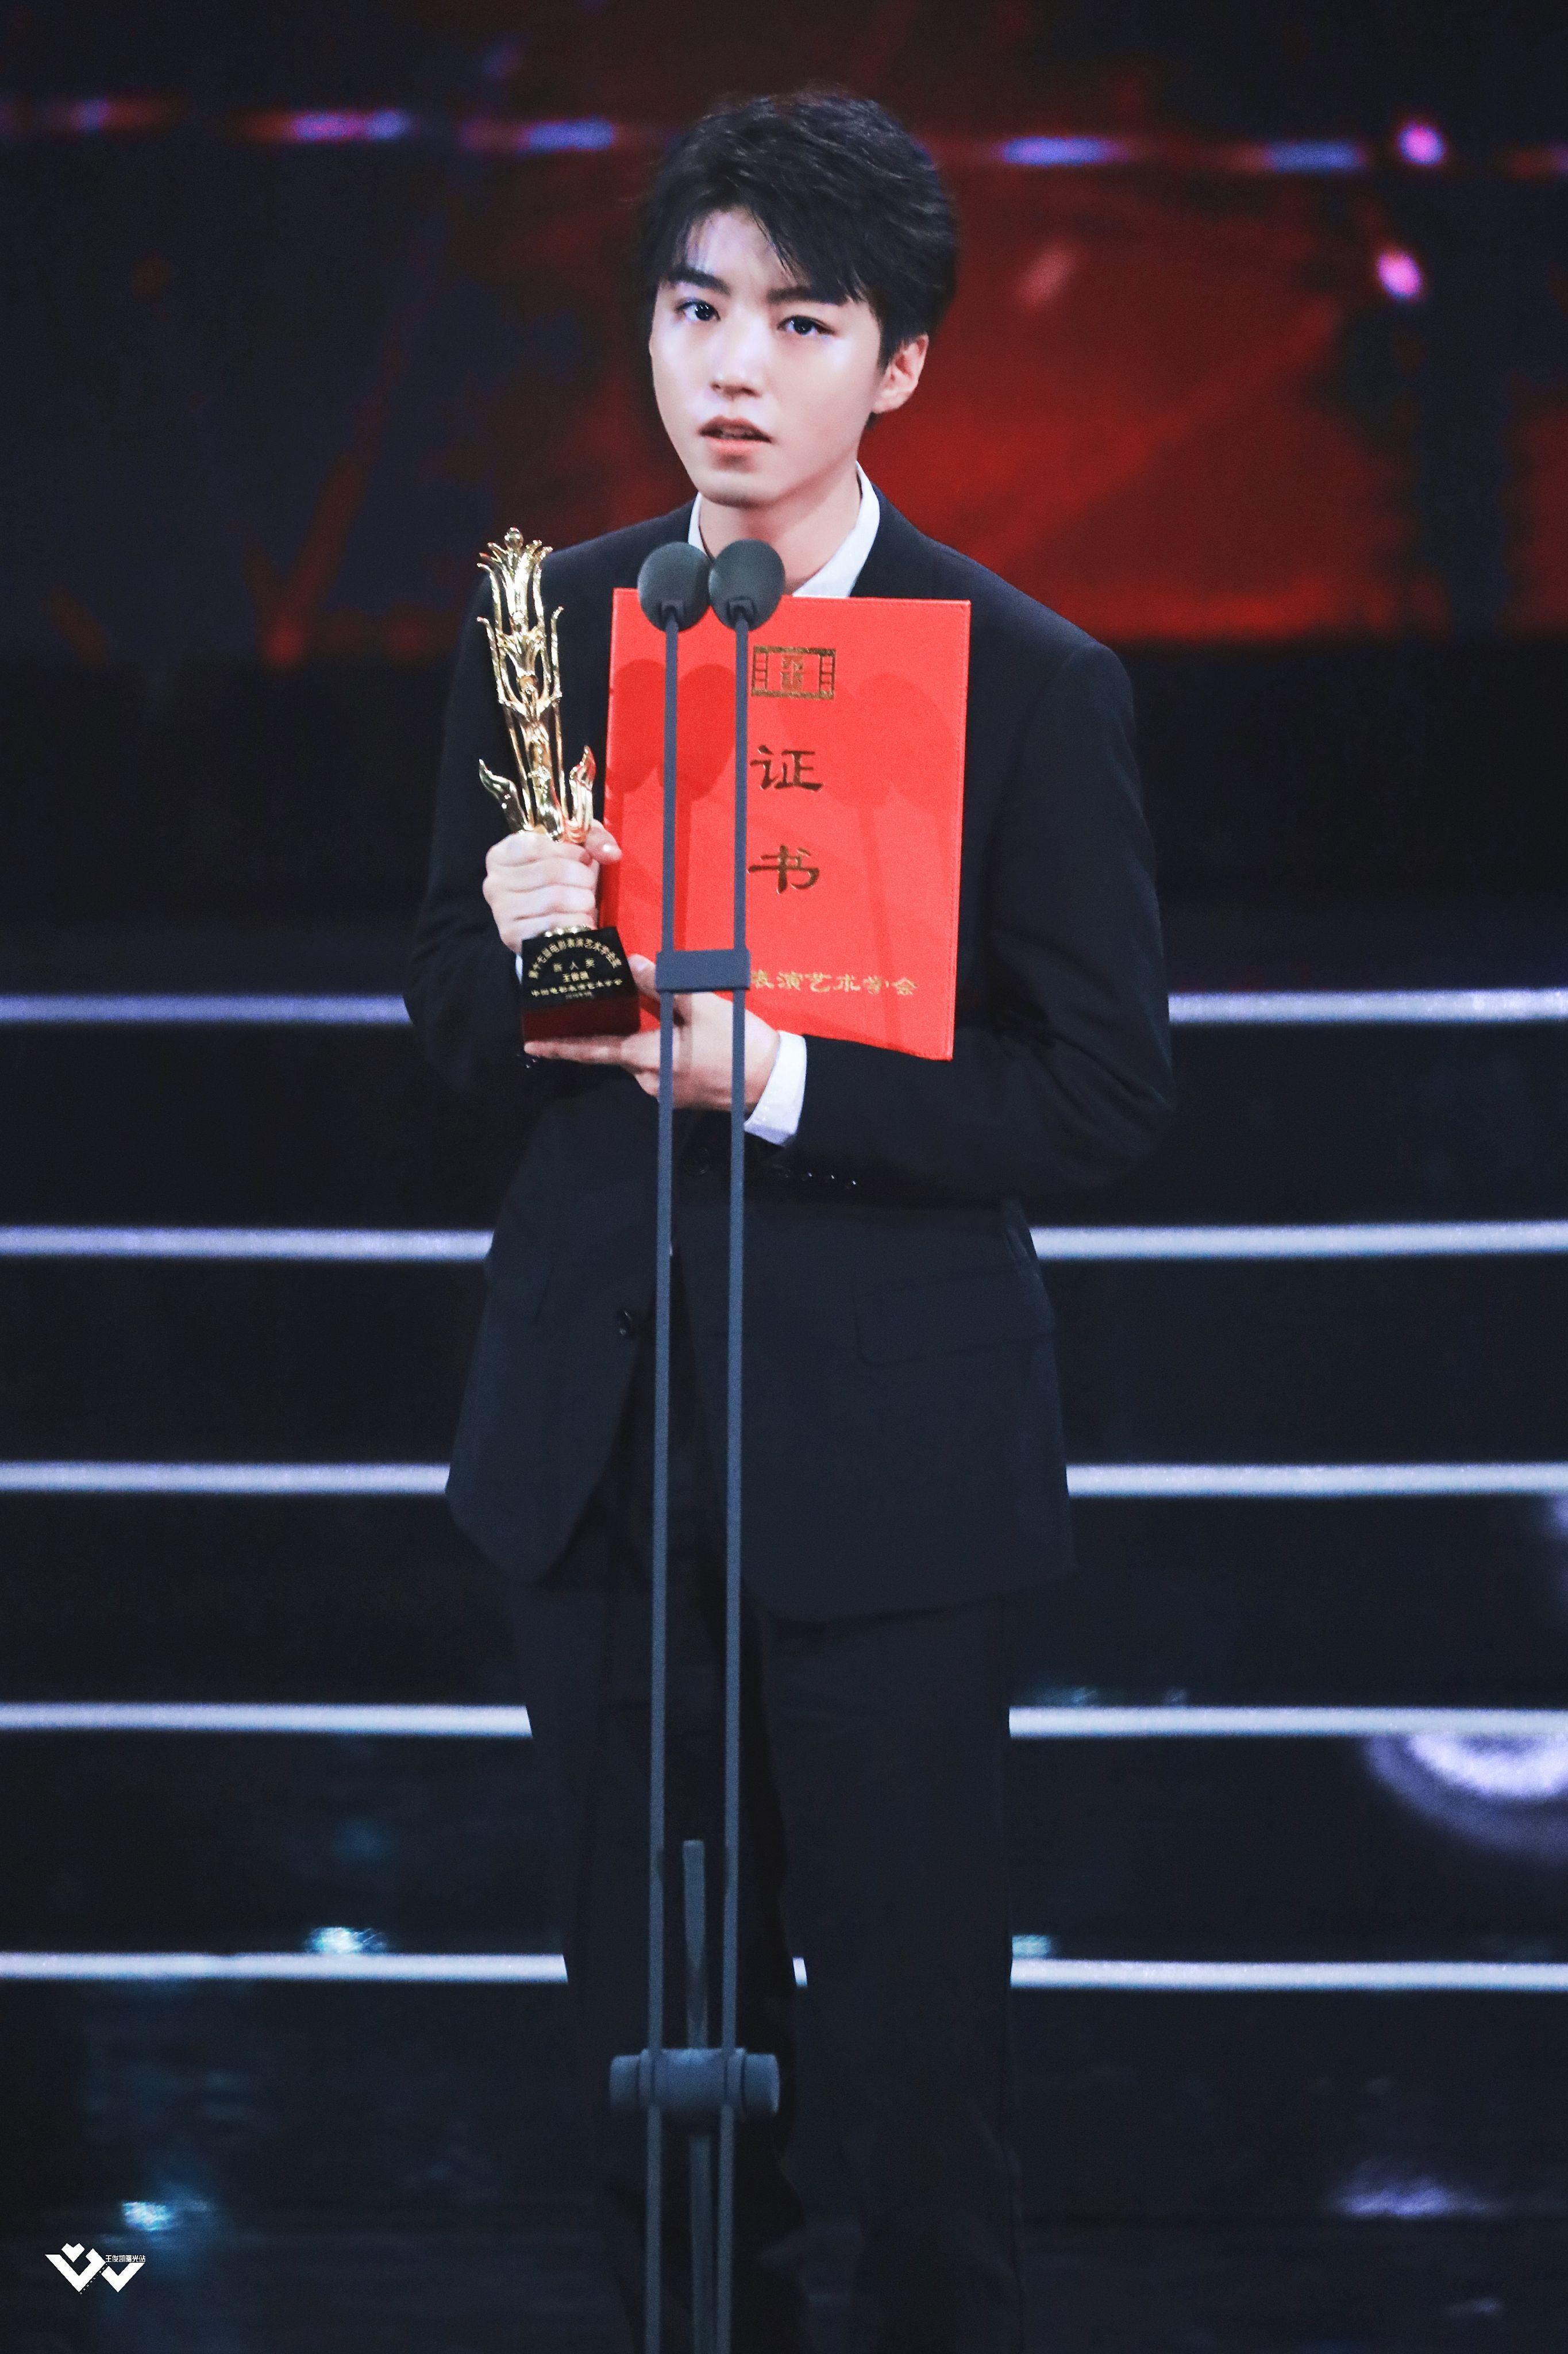 相声老师突然cue到王俊凯,小凯的反应被投放到大屏幕,好腼腆